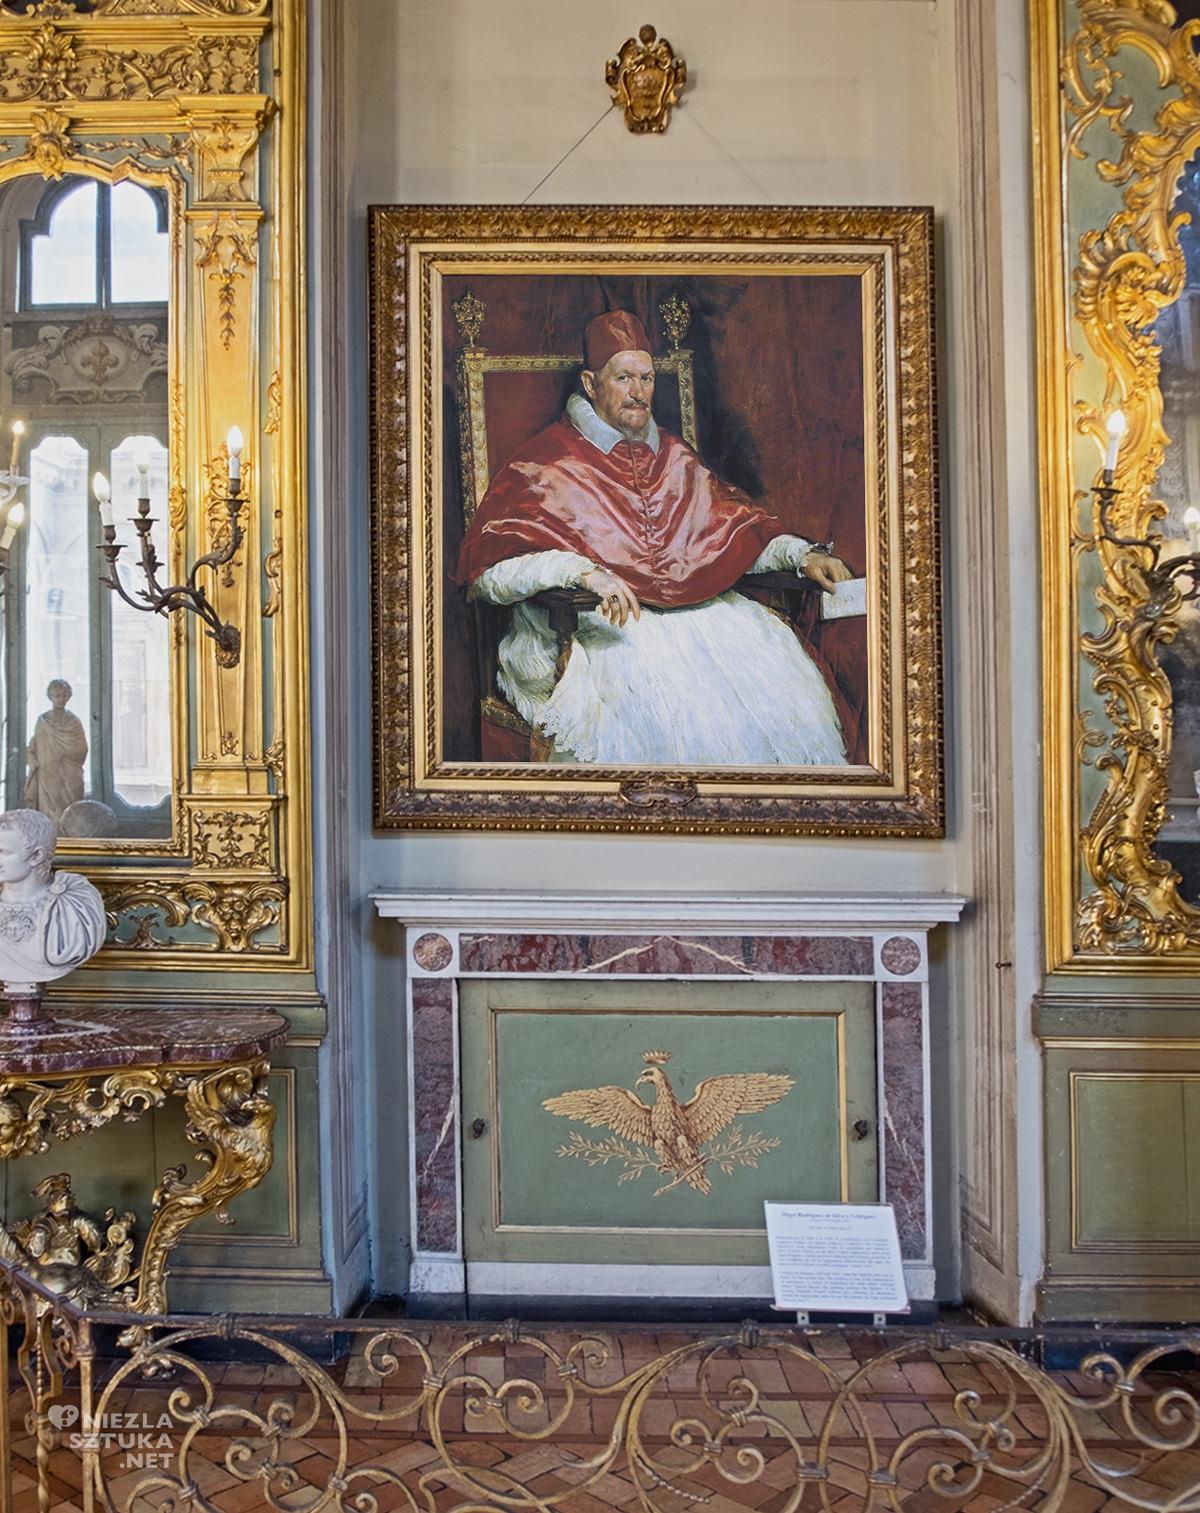 Diego Velázquez, Portret papieża Innocentego X, Galleria Doria Pamphilj, Rzym, Niezła sztuka